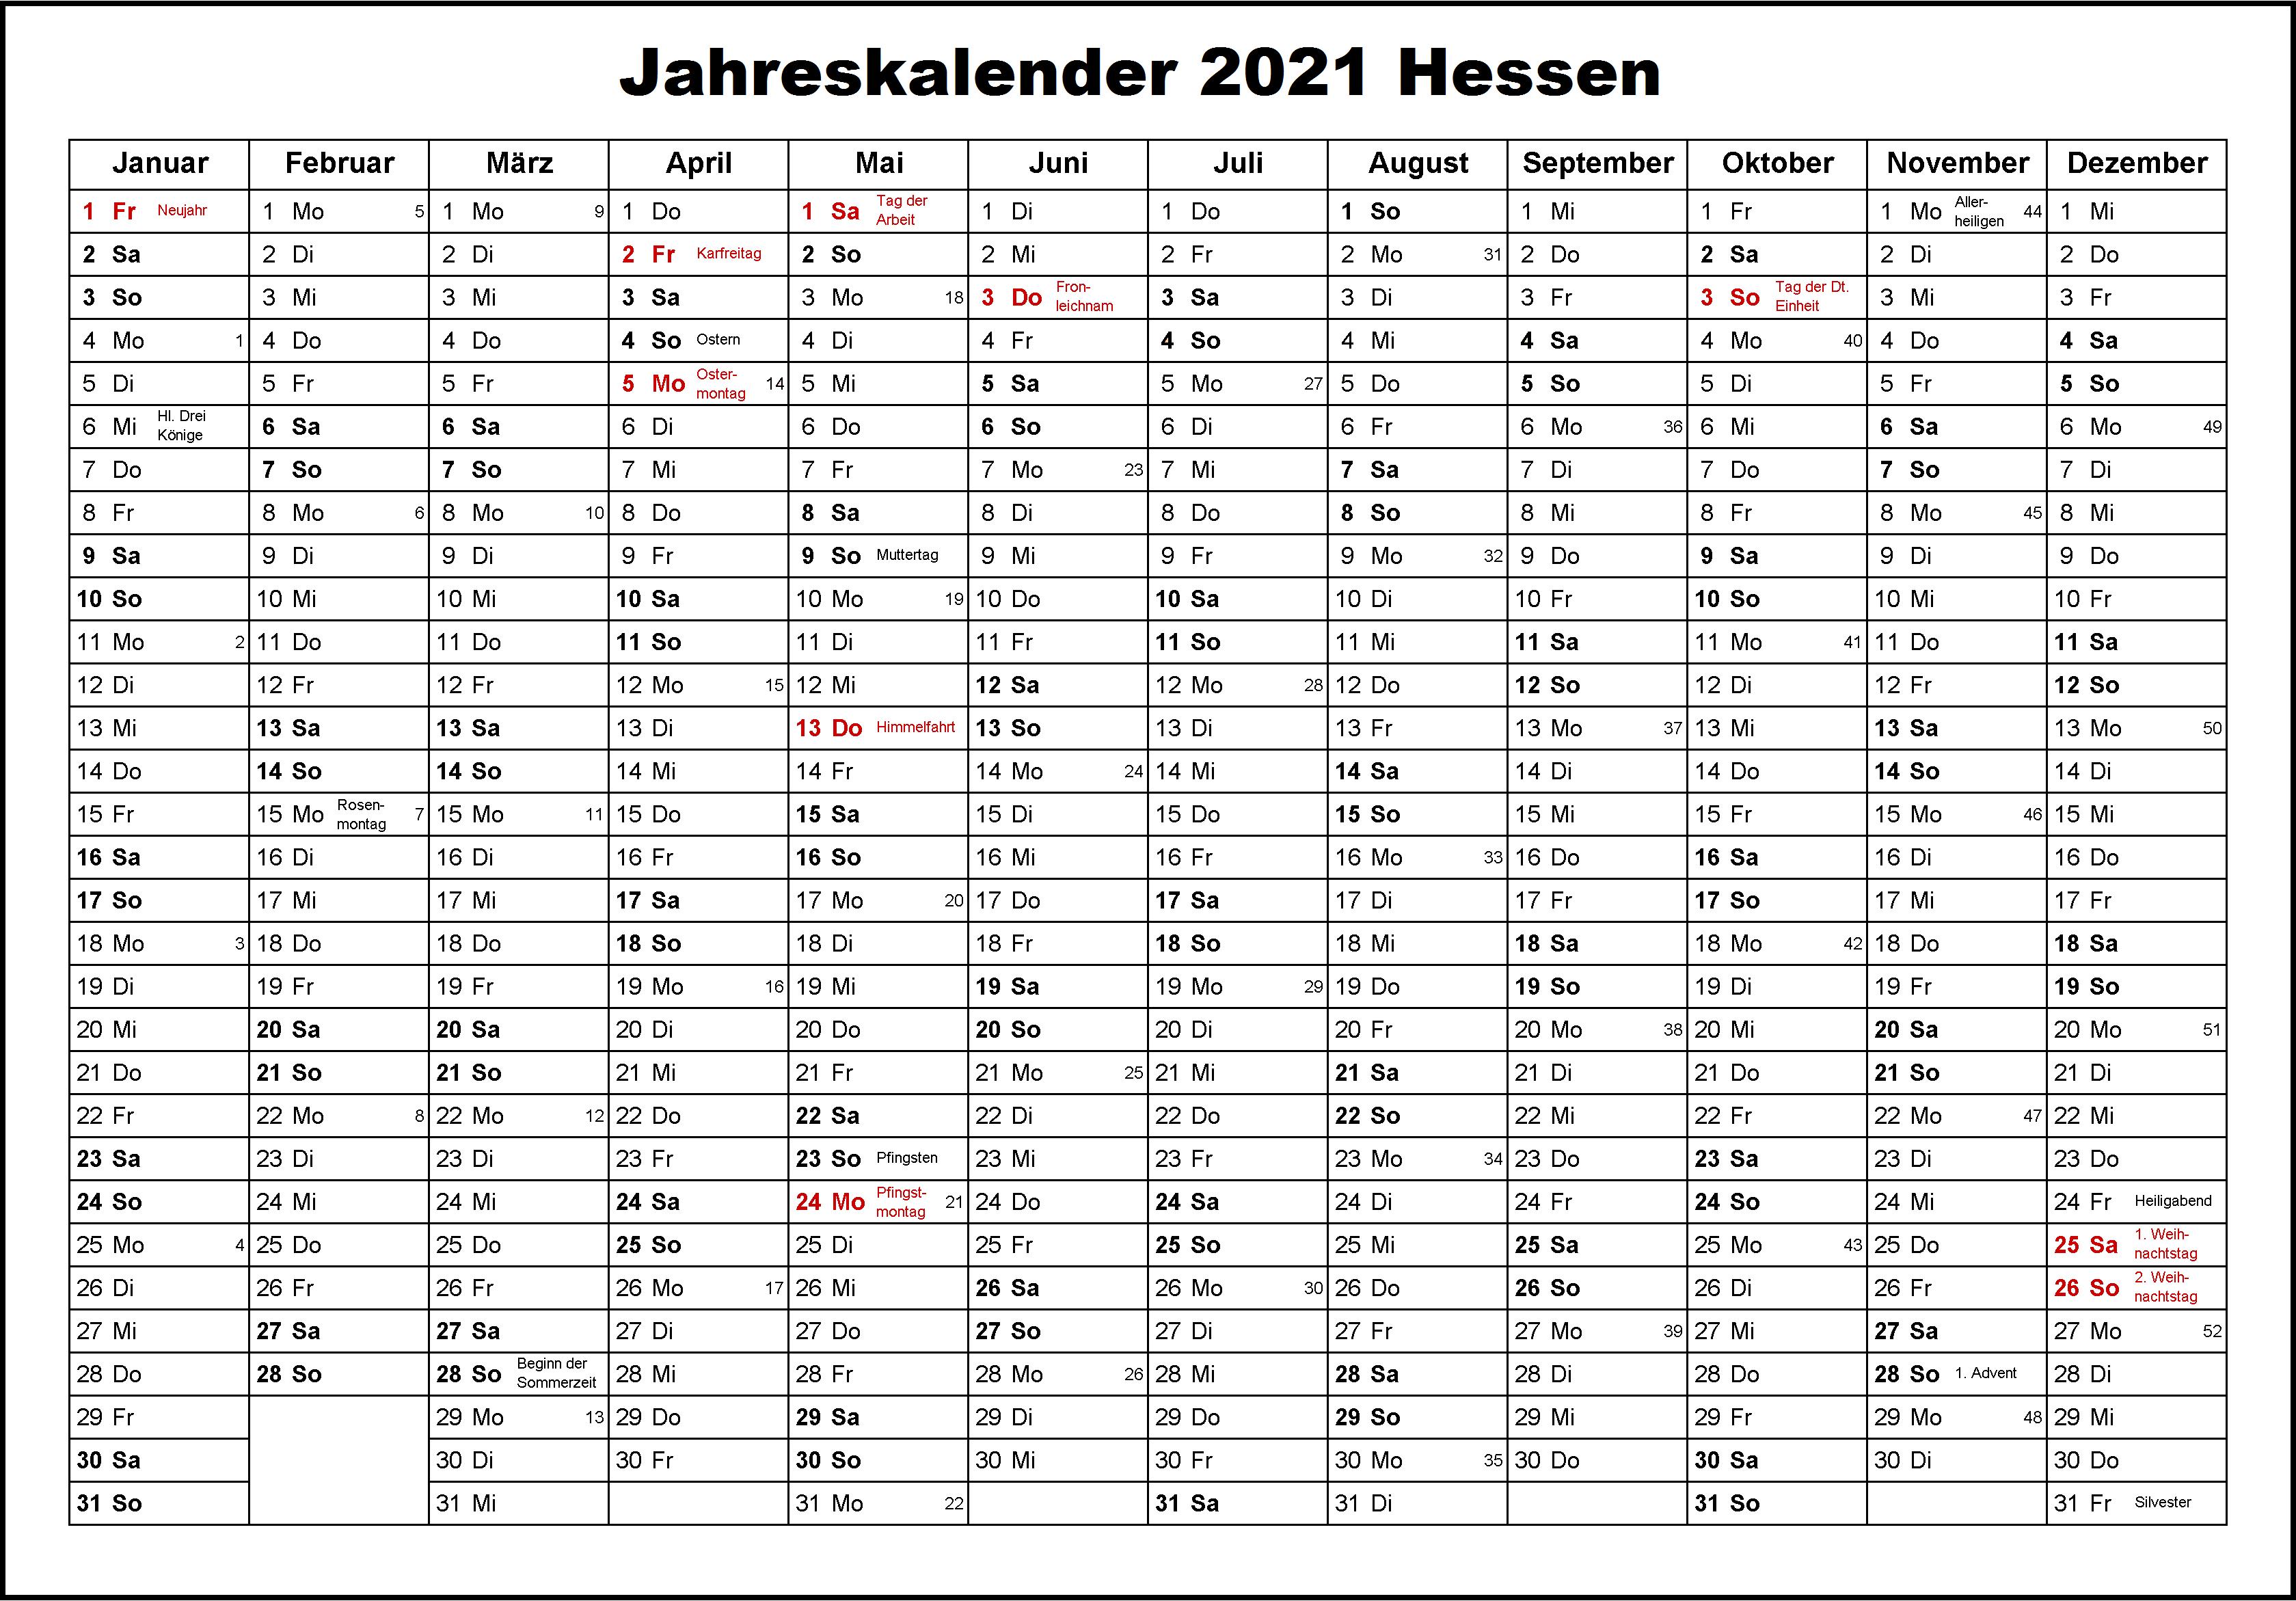 Kostenlos Jahreskalender 2021 Hessen Zum Ausdrucken